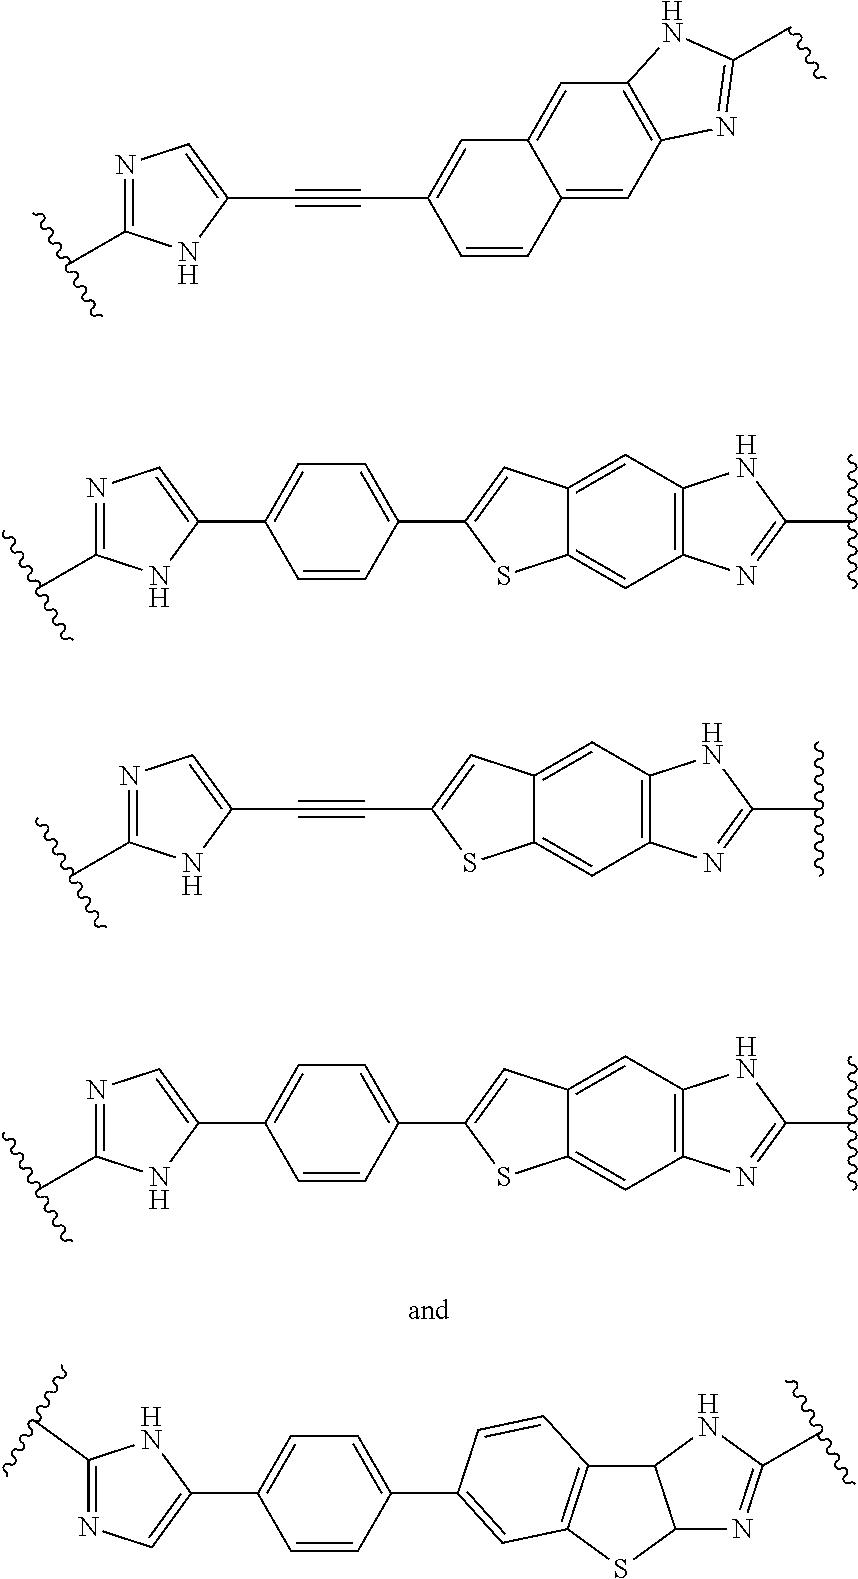 Figure US08273341-20120925-C00310